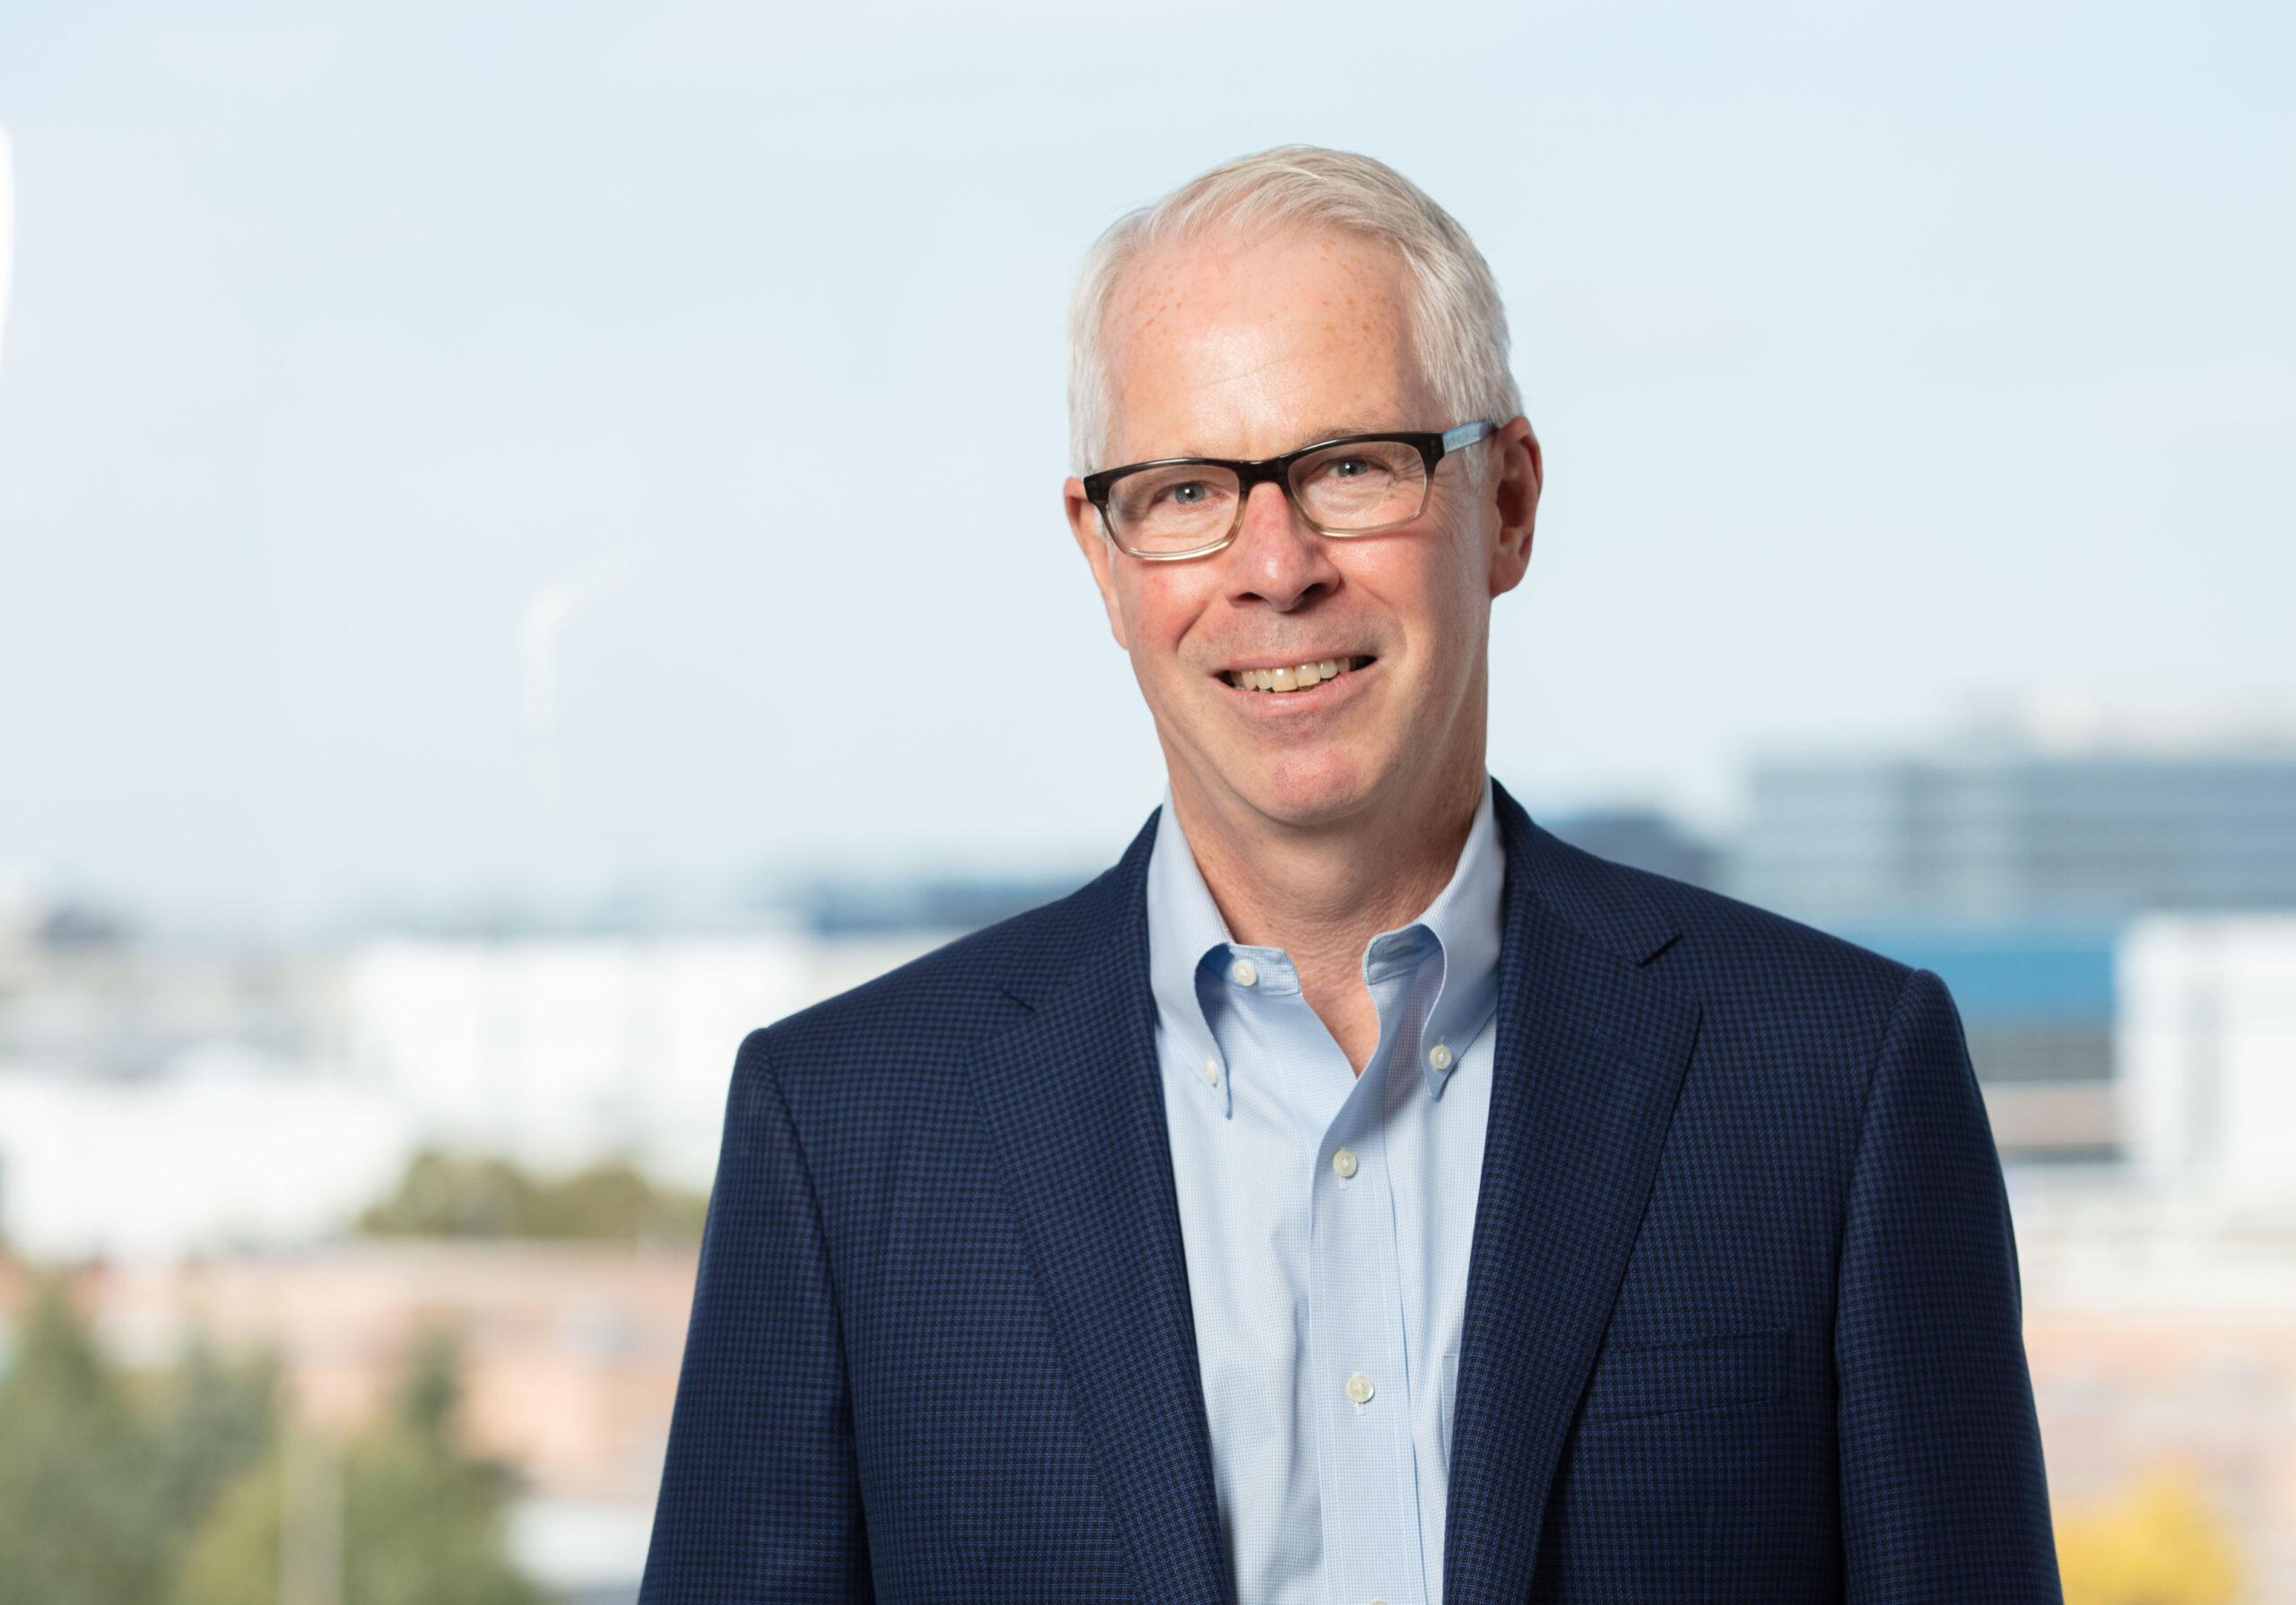 Tim Noble, Directeur, analyses et perspectives commerciales